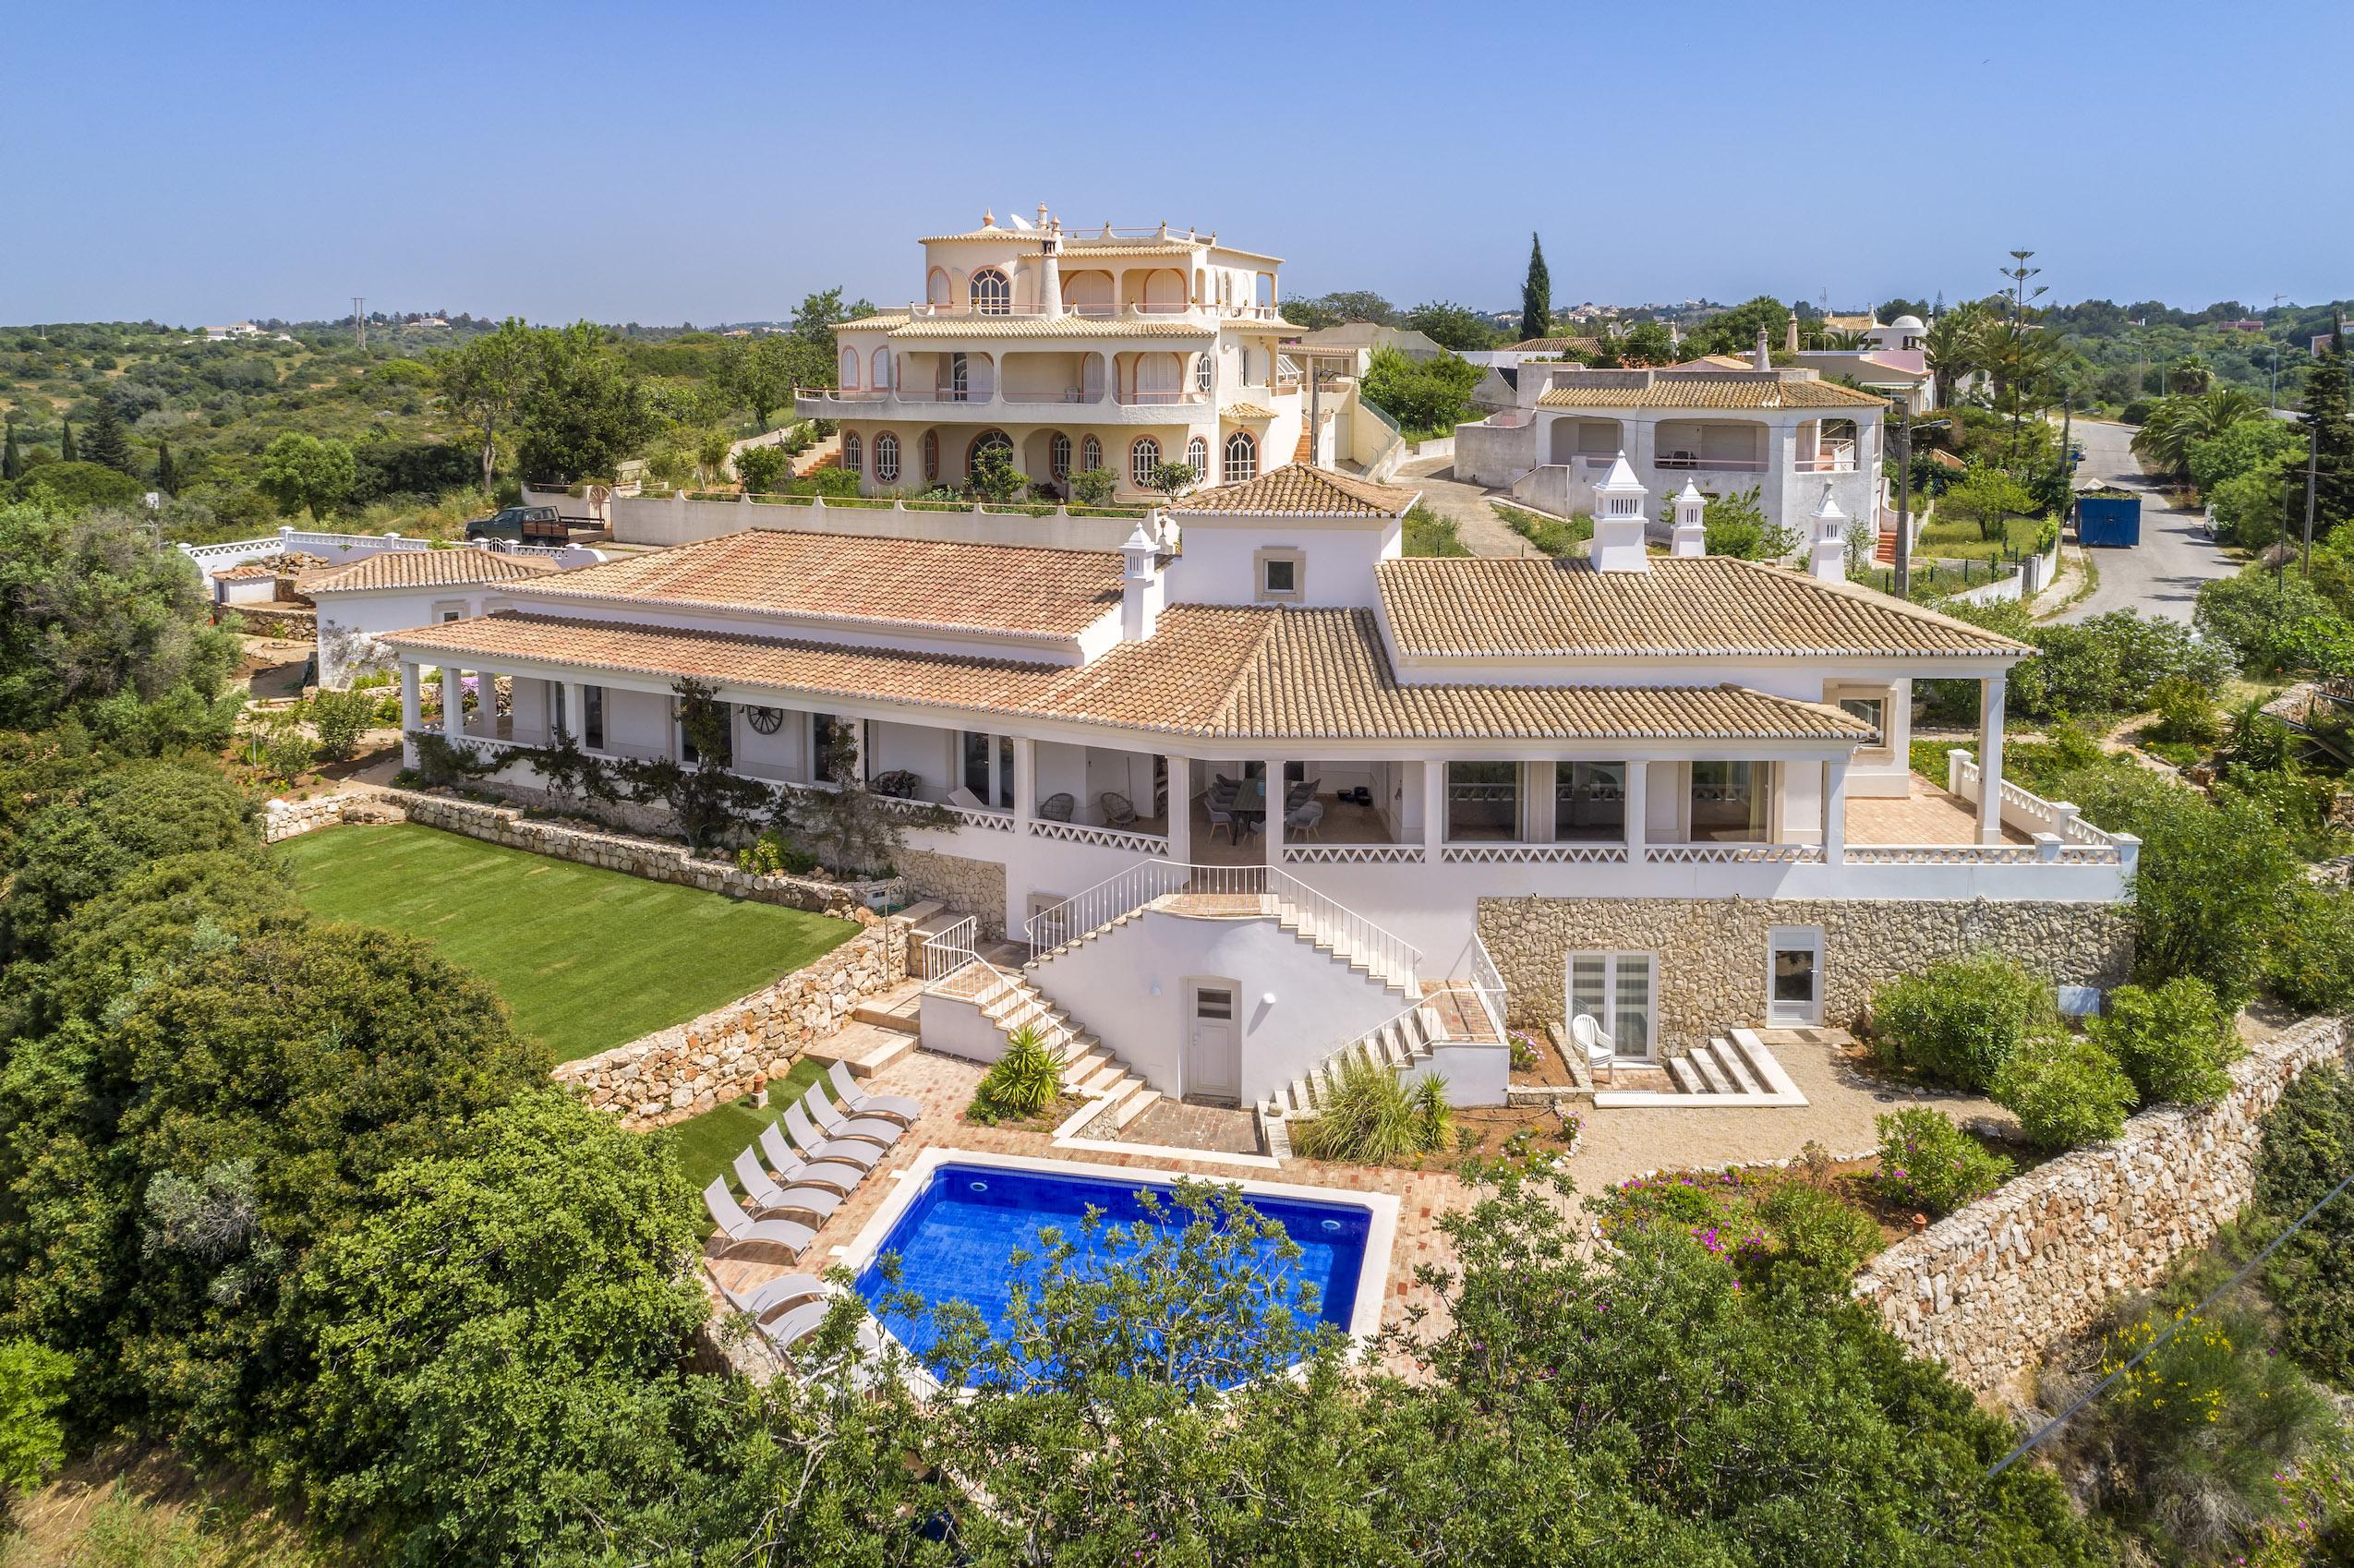 Luxury 4 bedroom rental villa Marlena Ferragudo